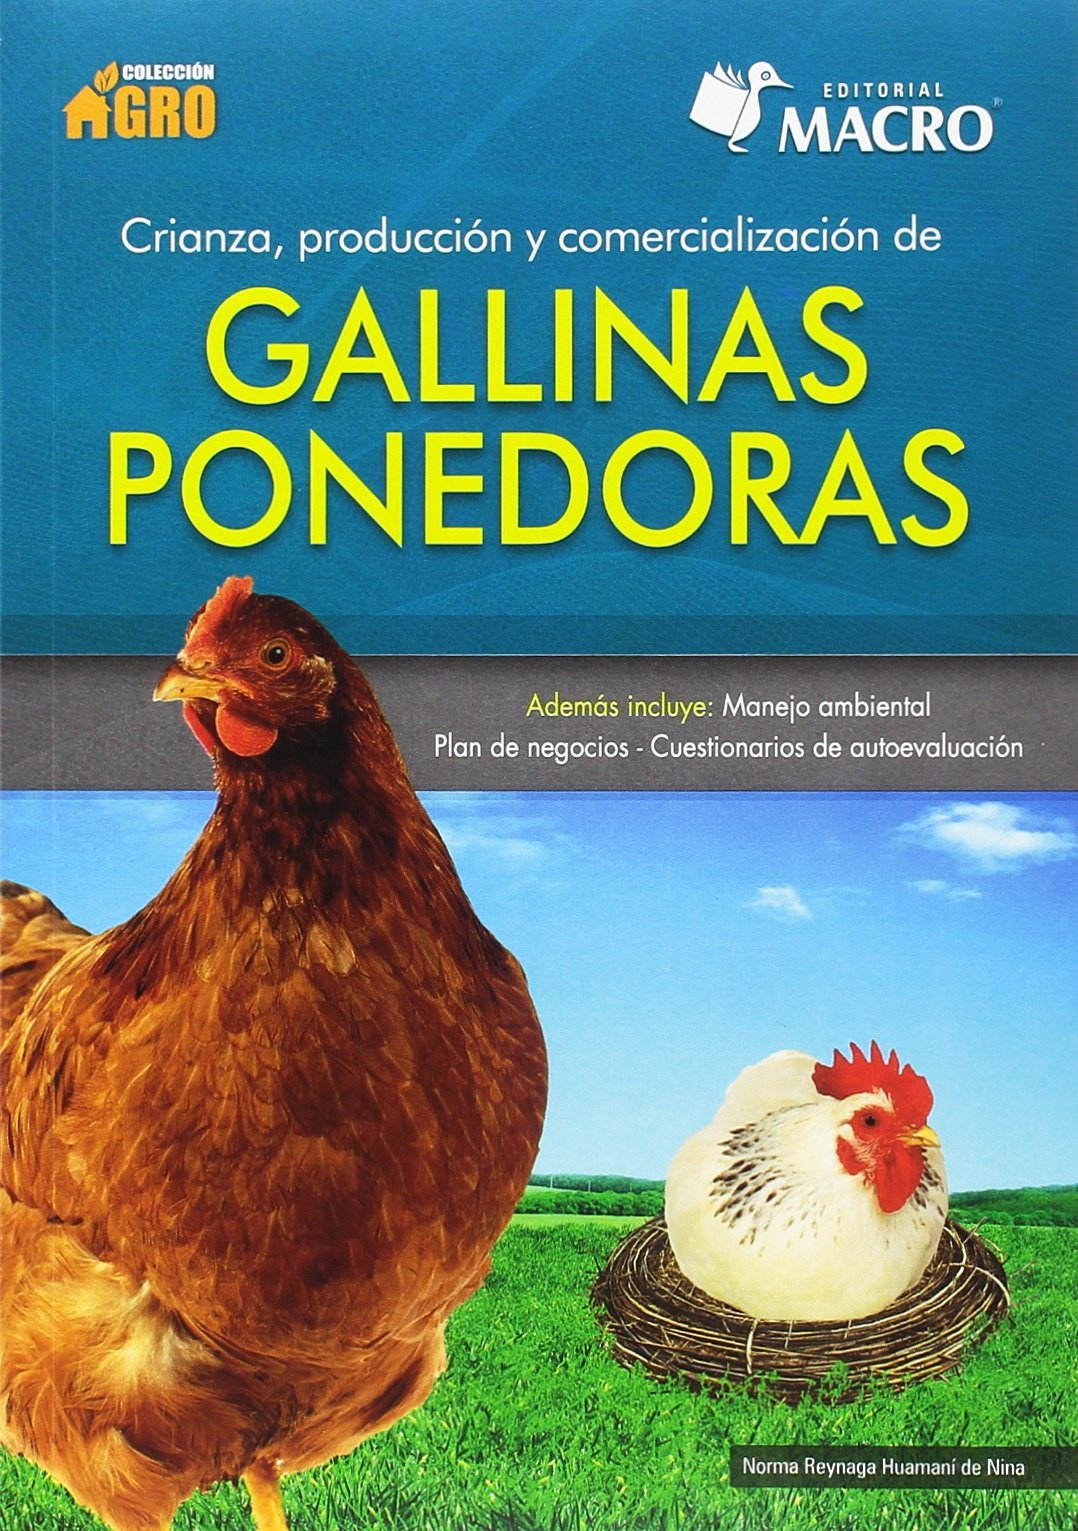 Crianza, Producción y Comercialización de Gallinas Ponedoras: Amazon.es: Norma Reynaga Huamaní: Libros